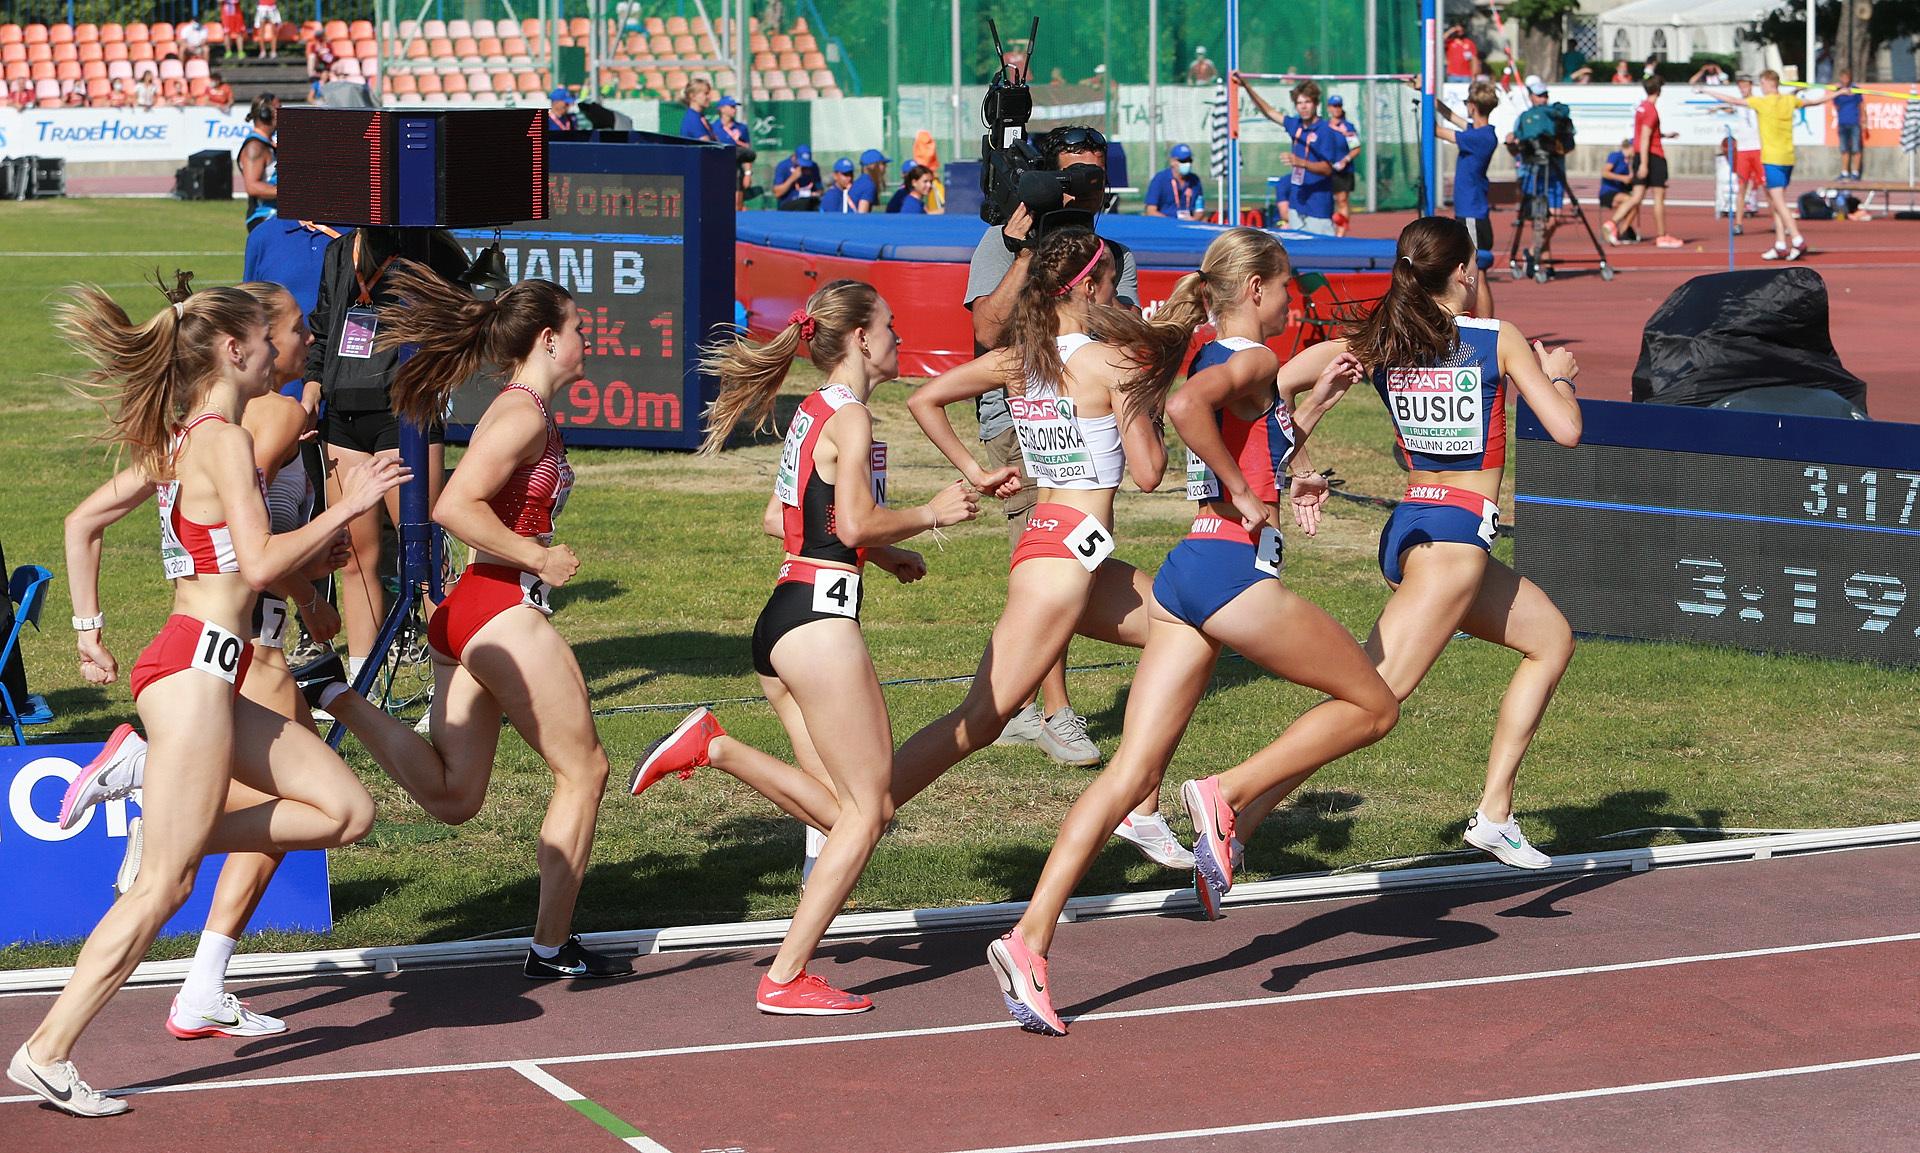 400m_igjen_Busic_og_Hoelsveen_avanserer_AZ3T2036.jpg